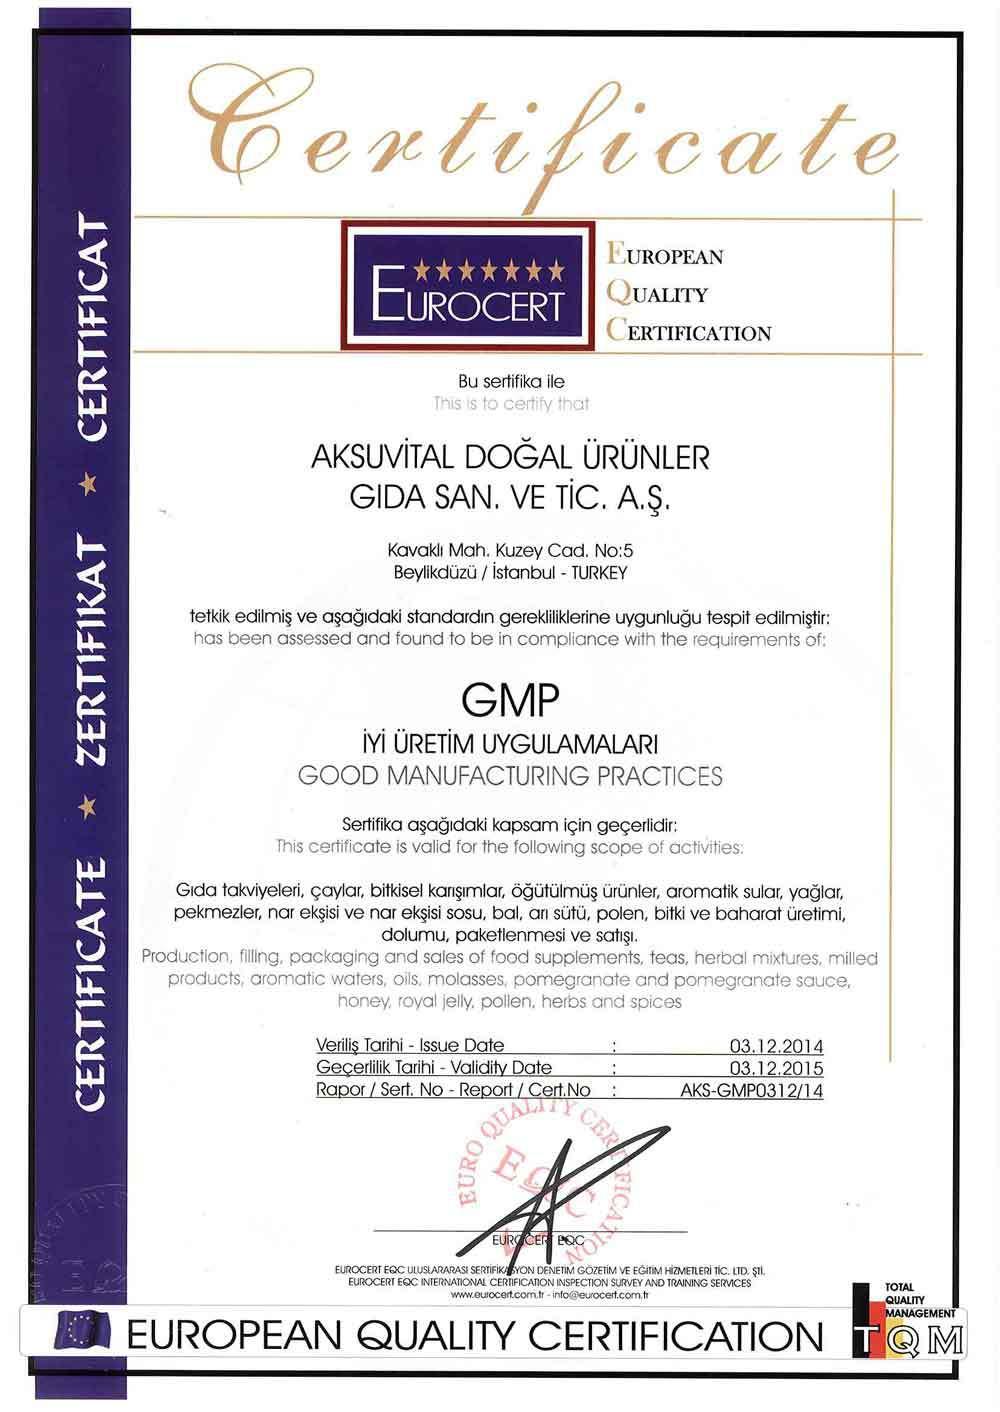 gmp-gda